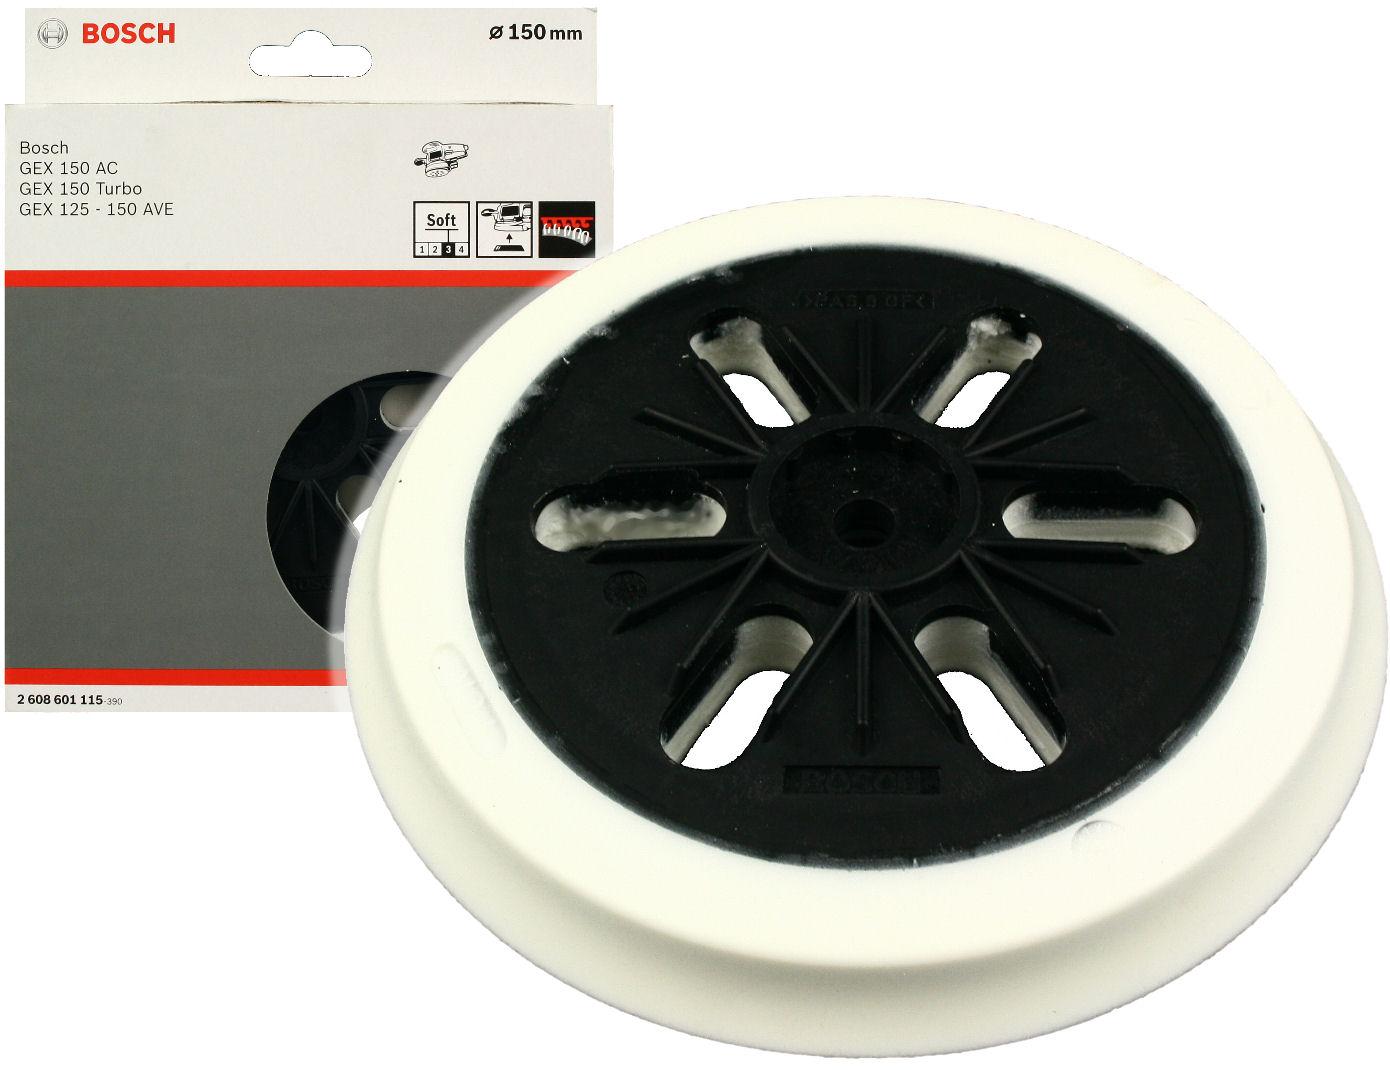 BOSCH Brúsna podložka 150 mm STREDNÁ pre GEX 150AC